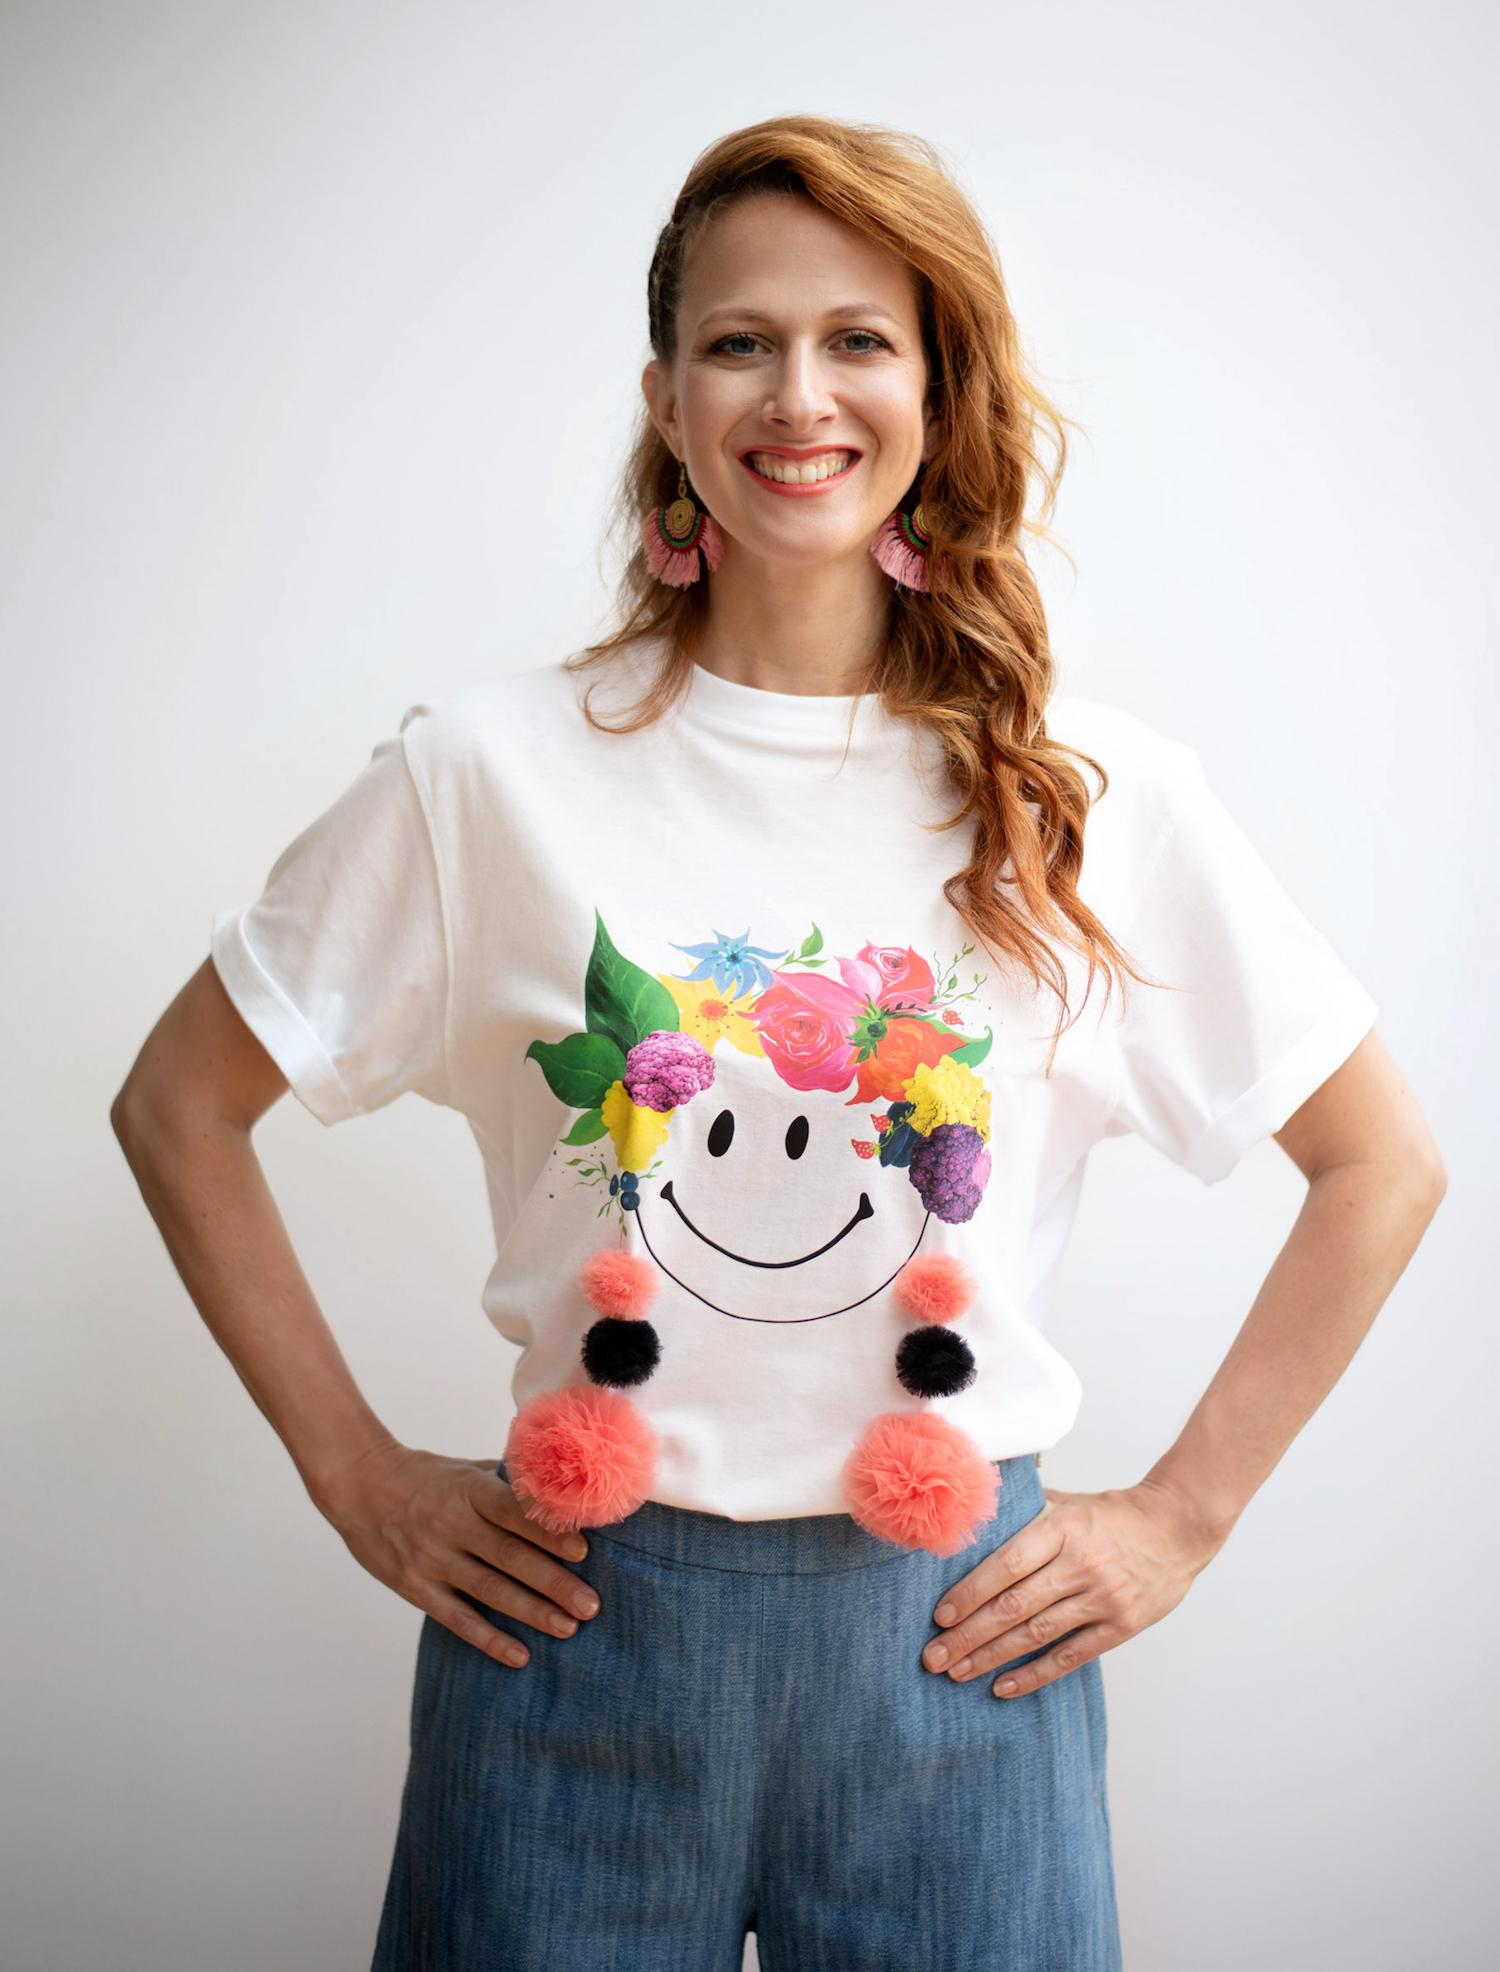 sustainable trajnostno majica eko bombaz maja stamol nika veger modni bloger beautyfullblog